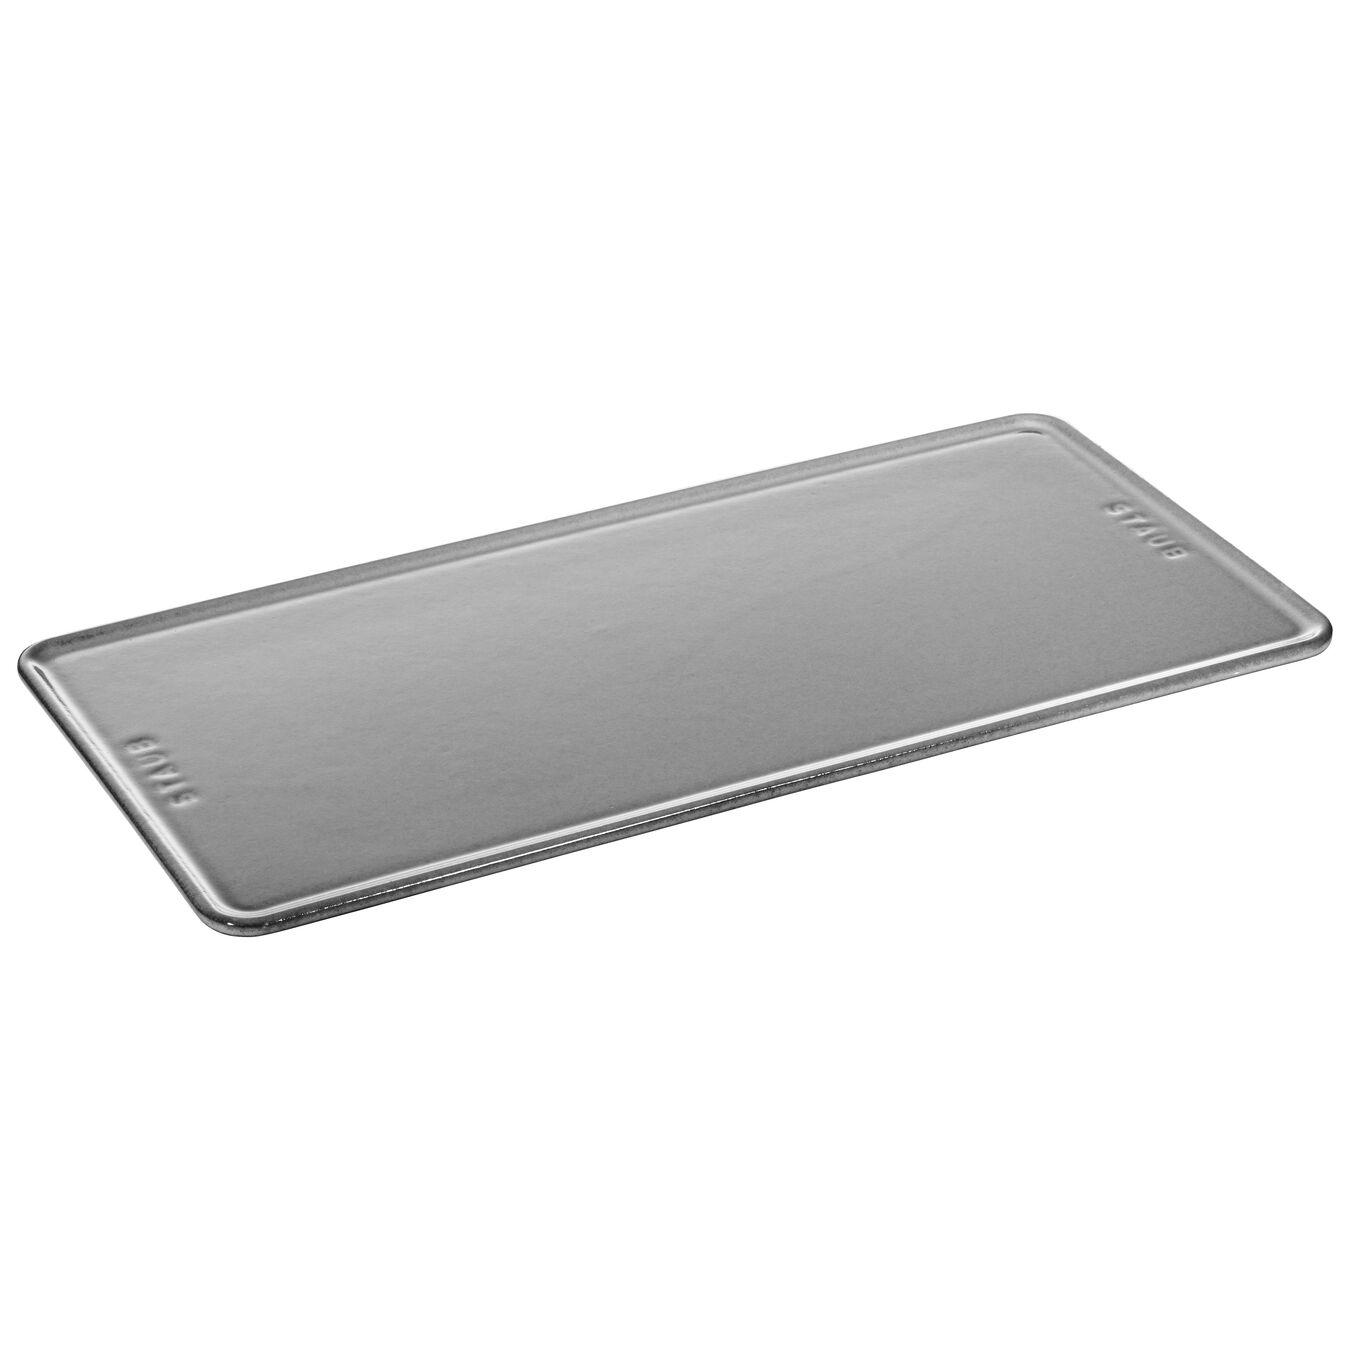 Piatto da servizio quadrato - 30 cm x 15 cm, grigio grafite,,large 3